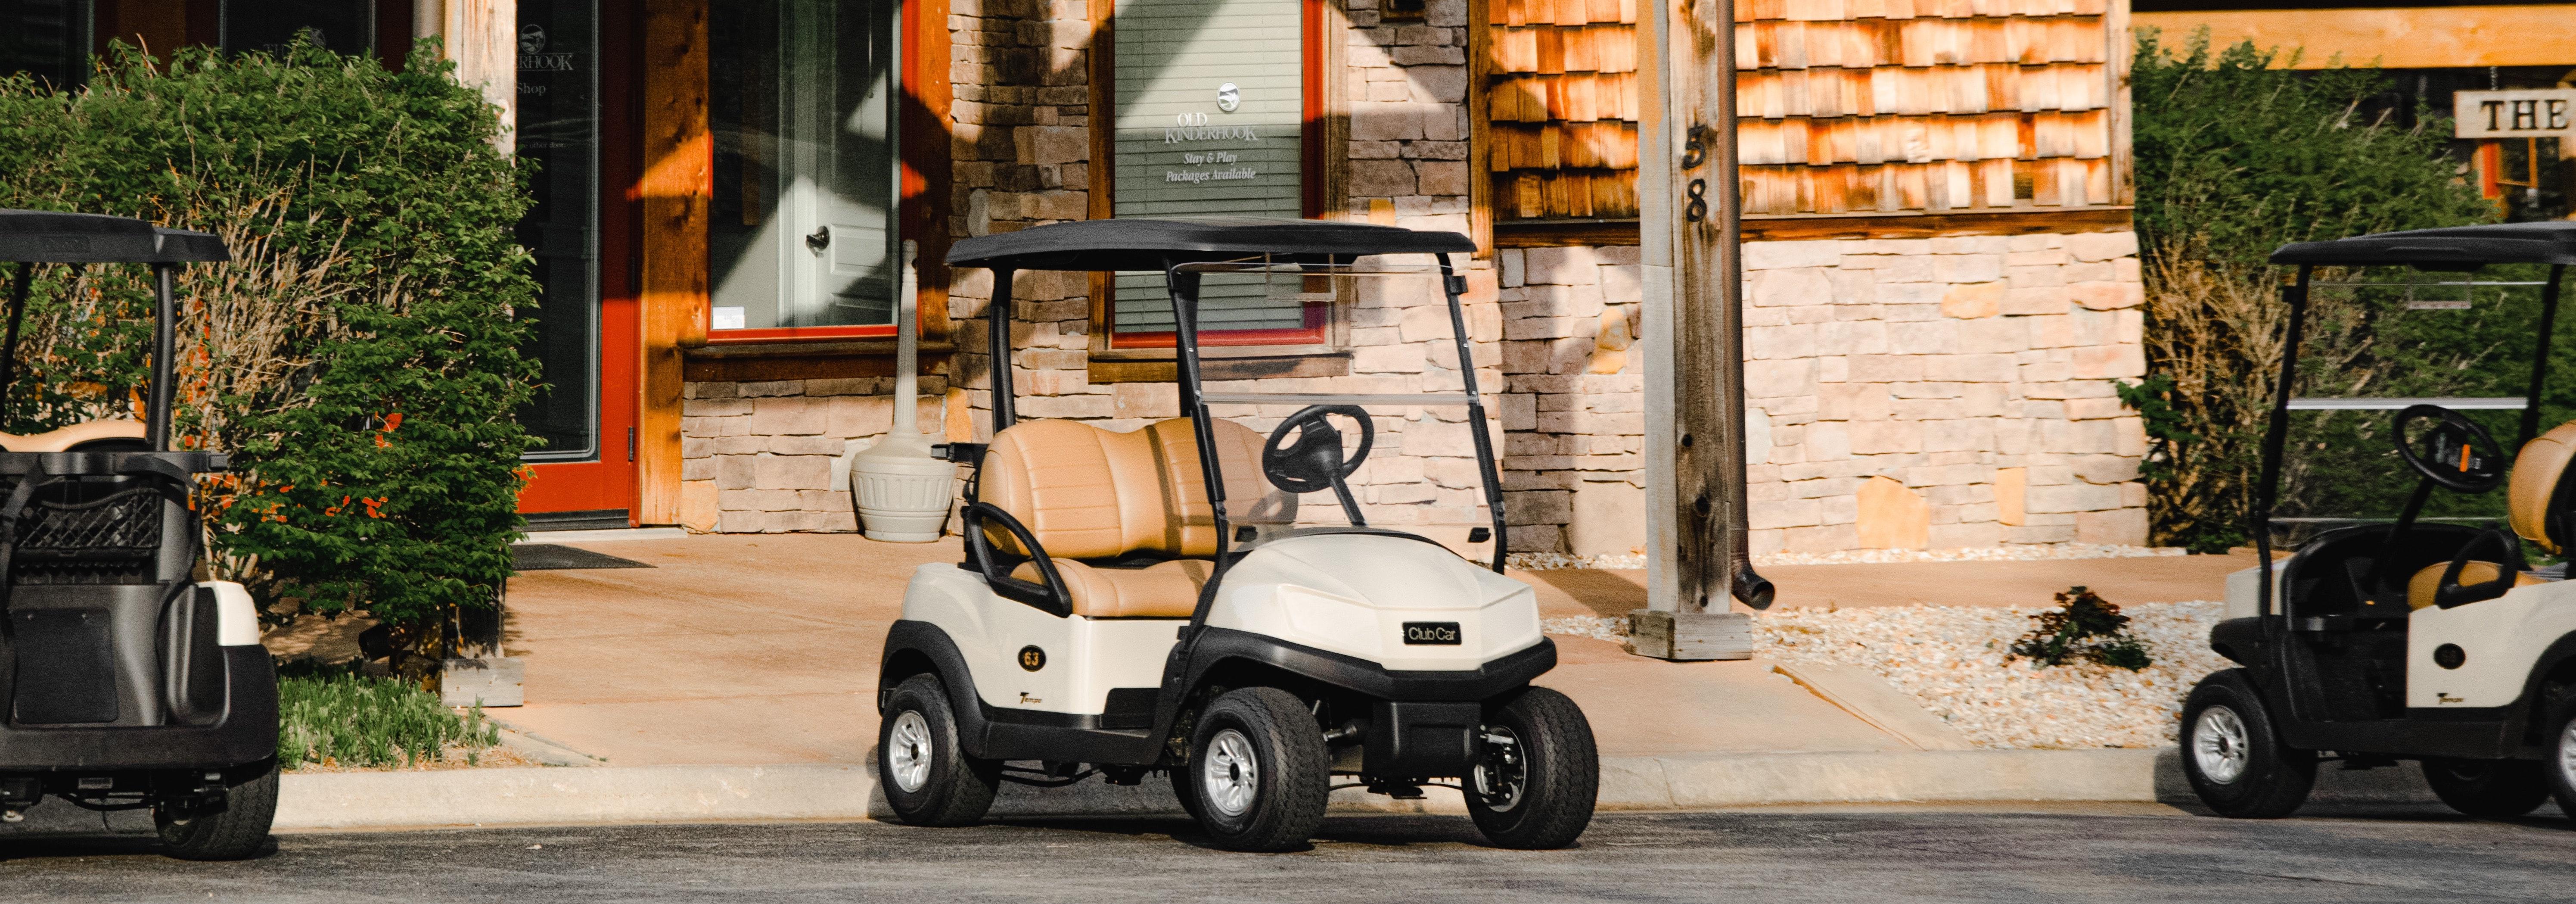 Donate a Car in Golf Cart